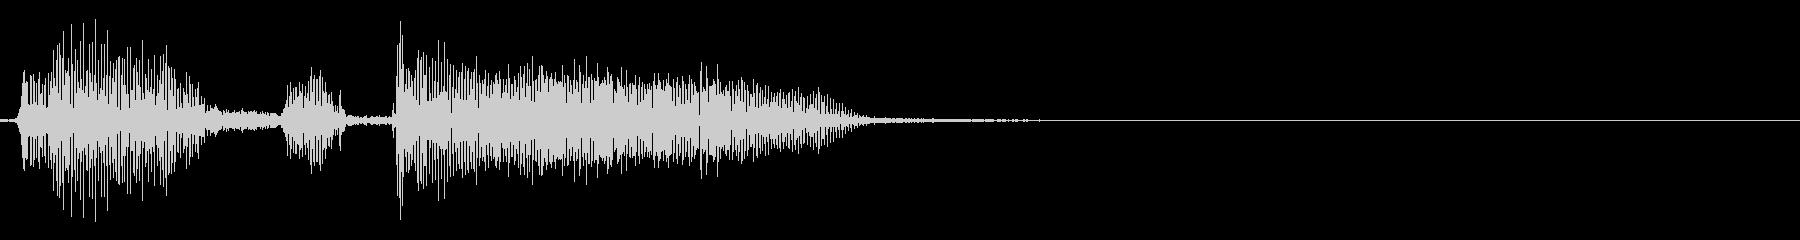 ロボット YouTube「ナイスパ!」の未再生の波形